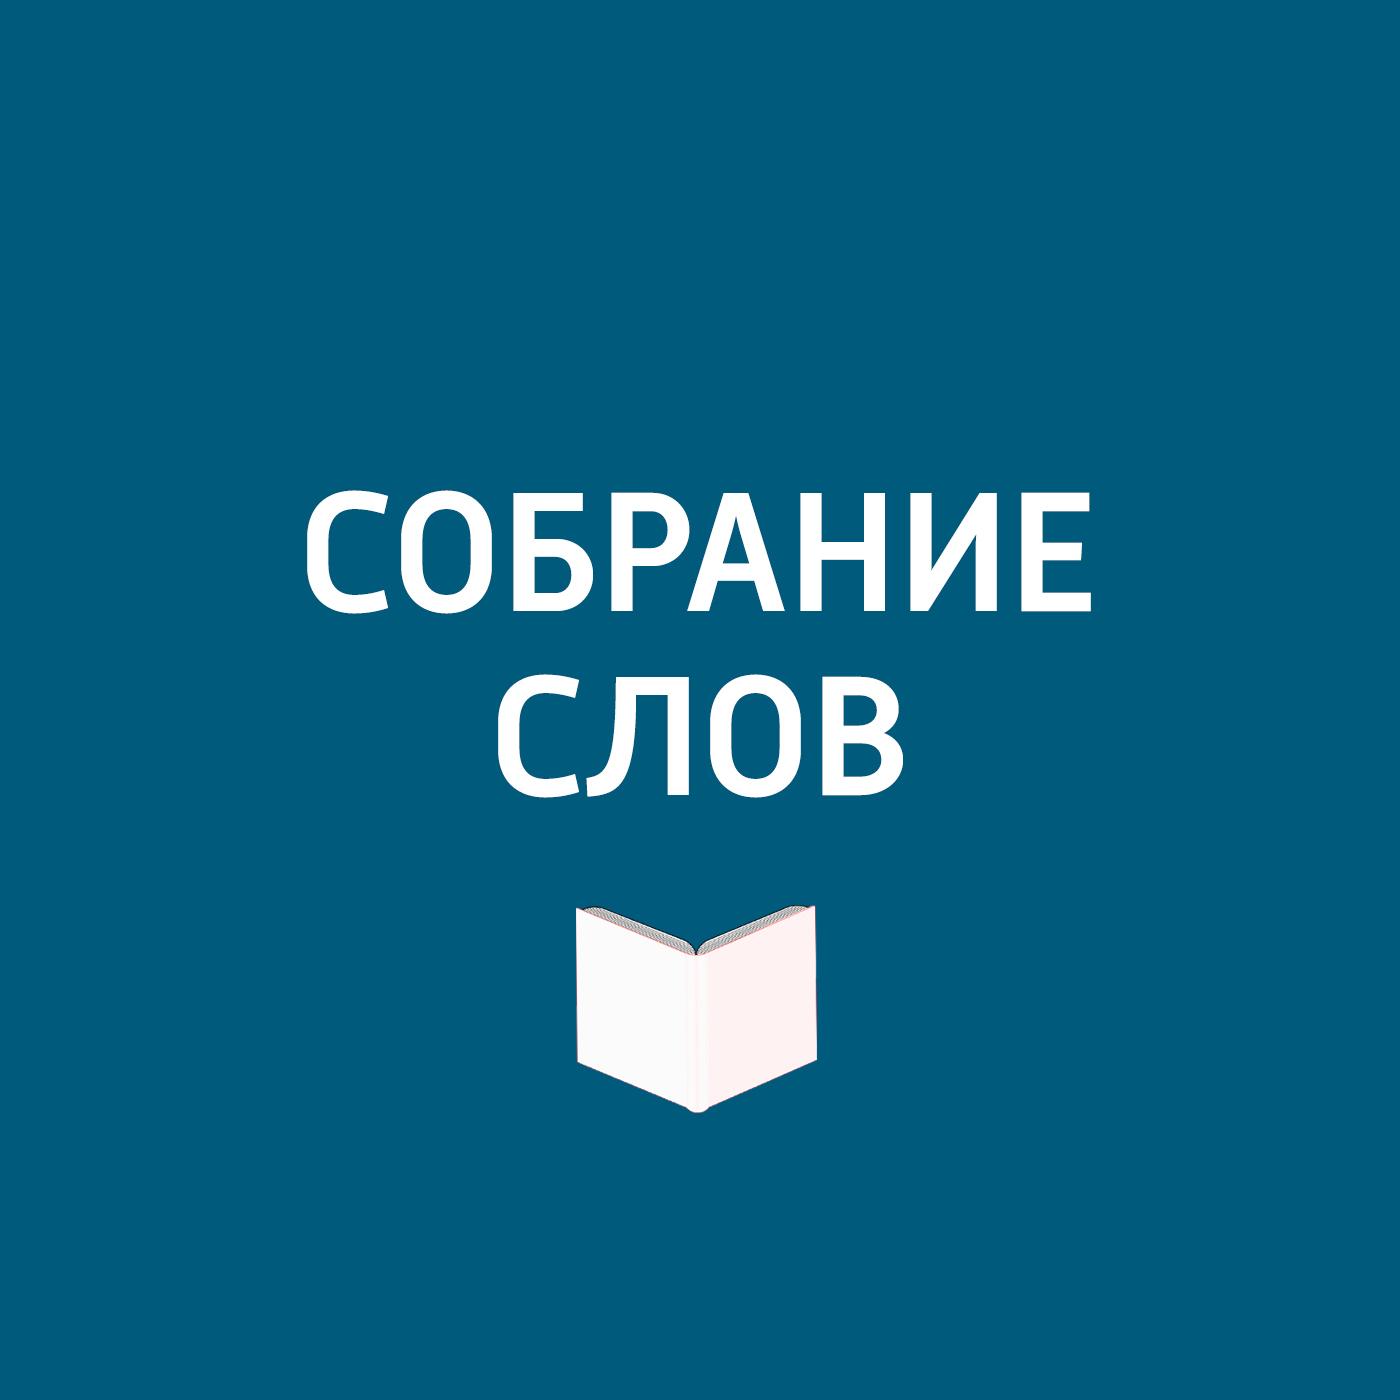 К 110-летию со дня рождения Николая Носова